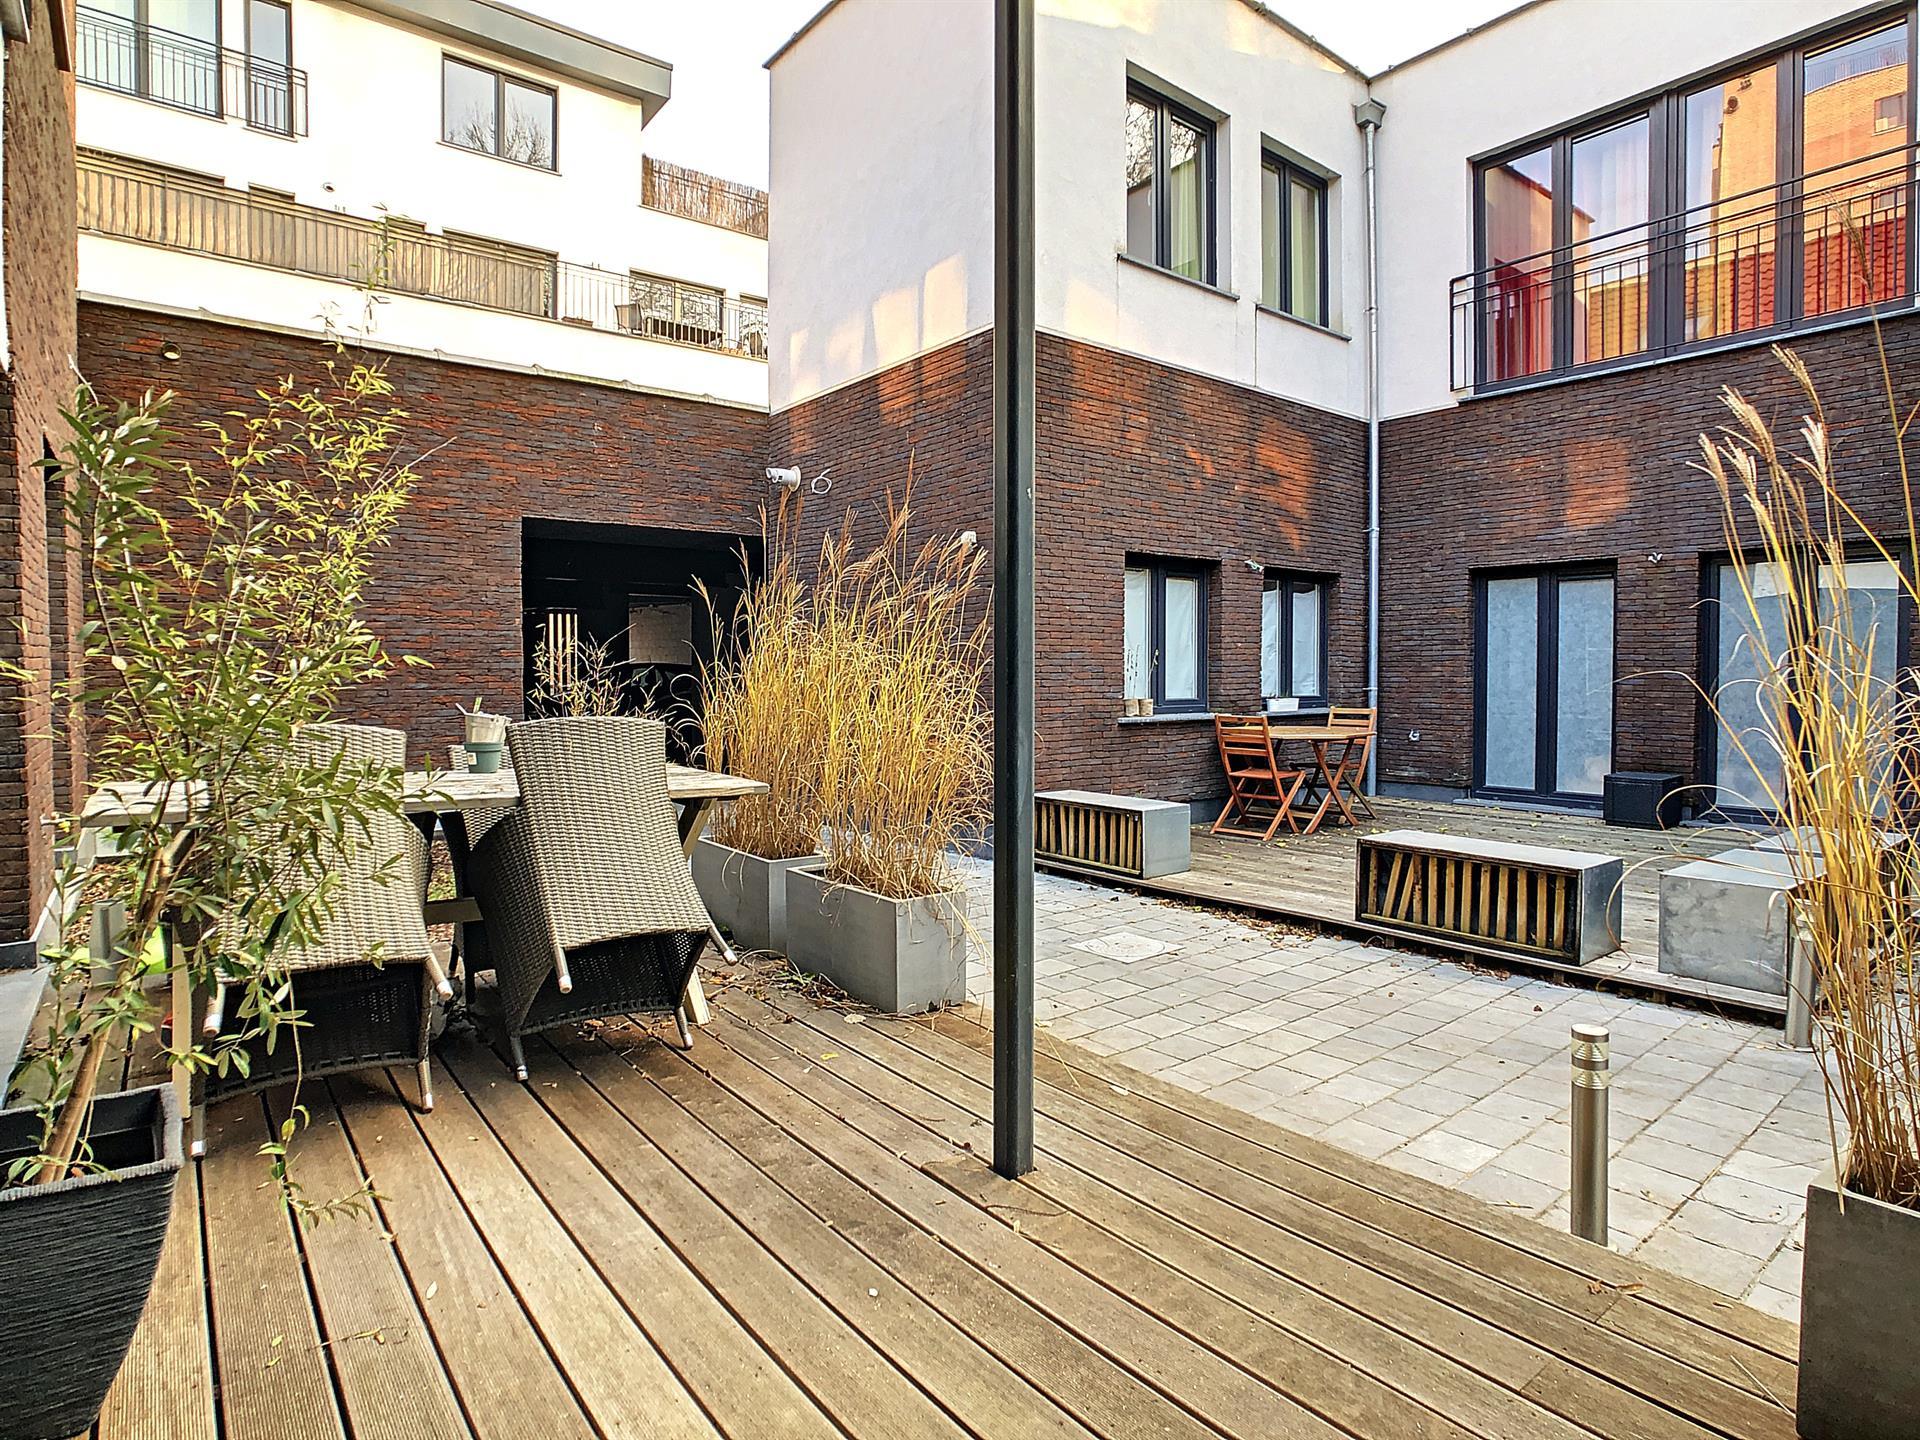 Appartement avec jardin - Anderlecht - #4228000-2